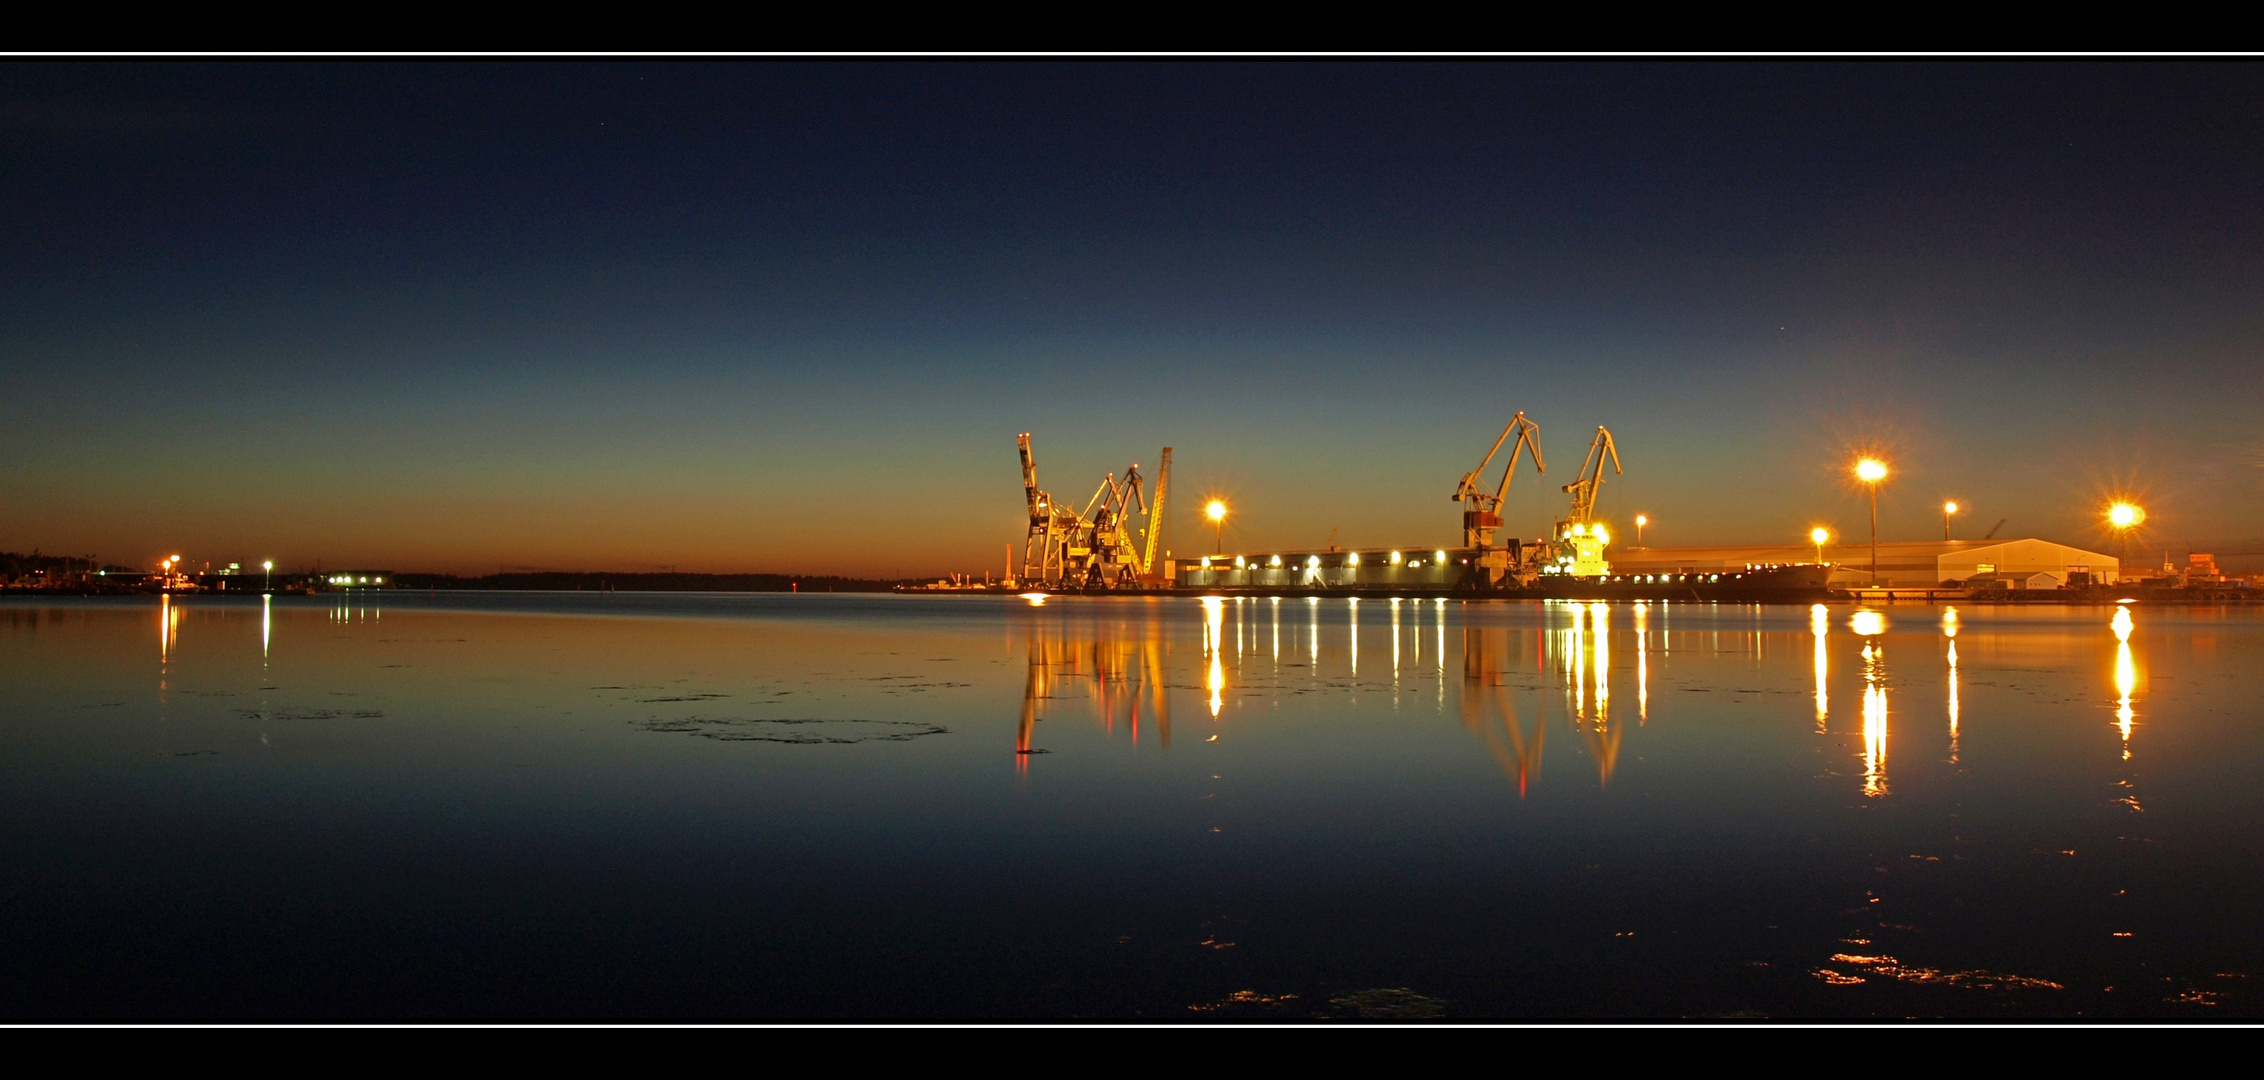 Nacht über dem Hafen...